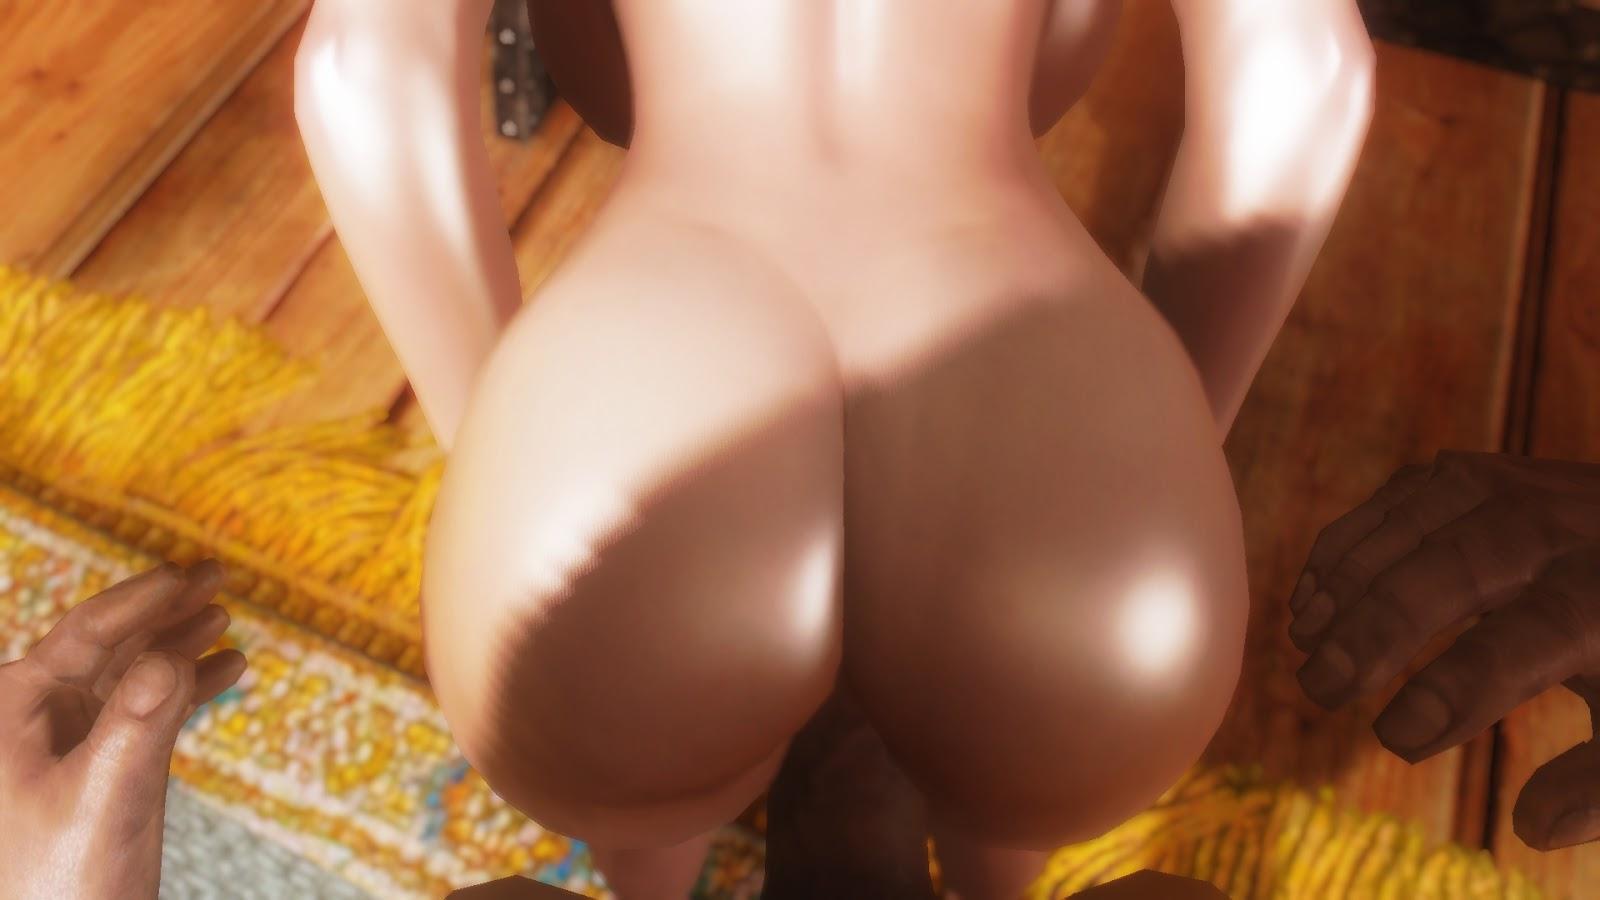 Skyrim nude skin erotica movie